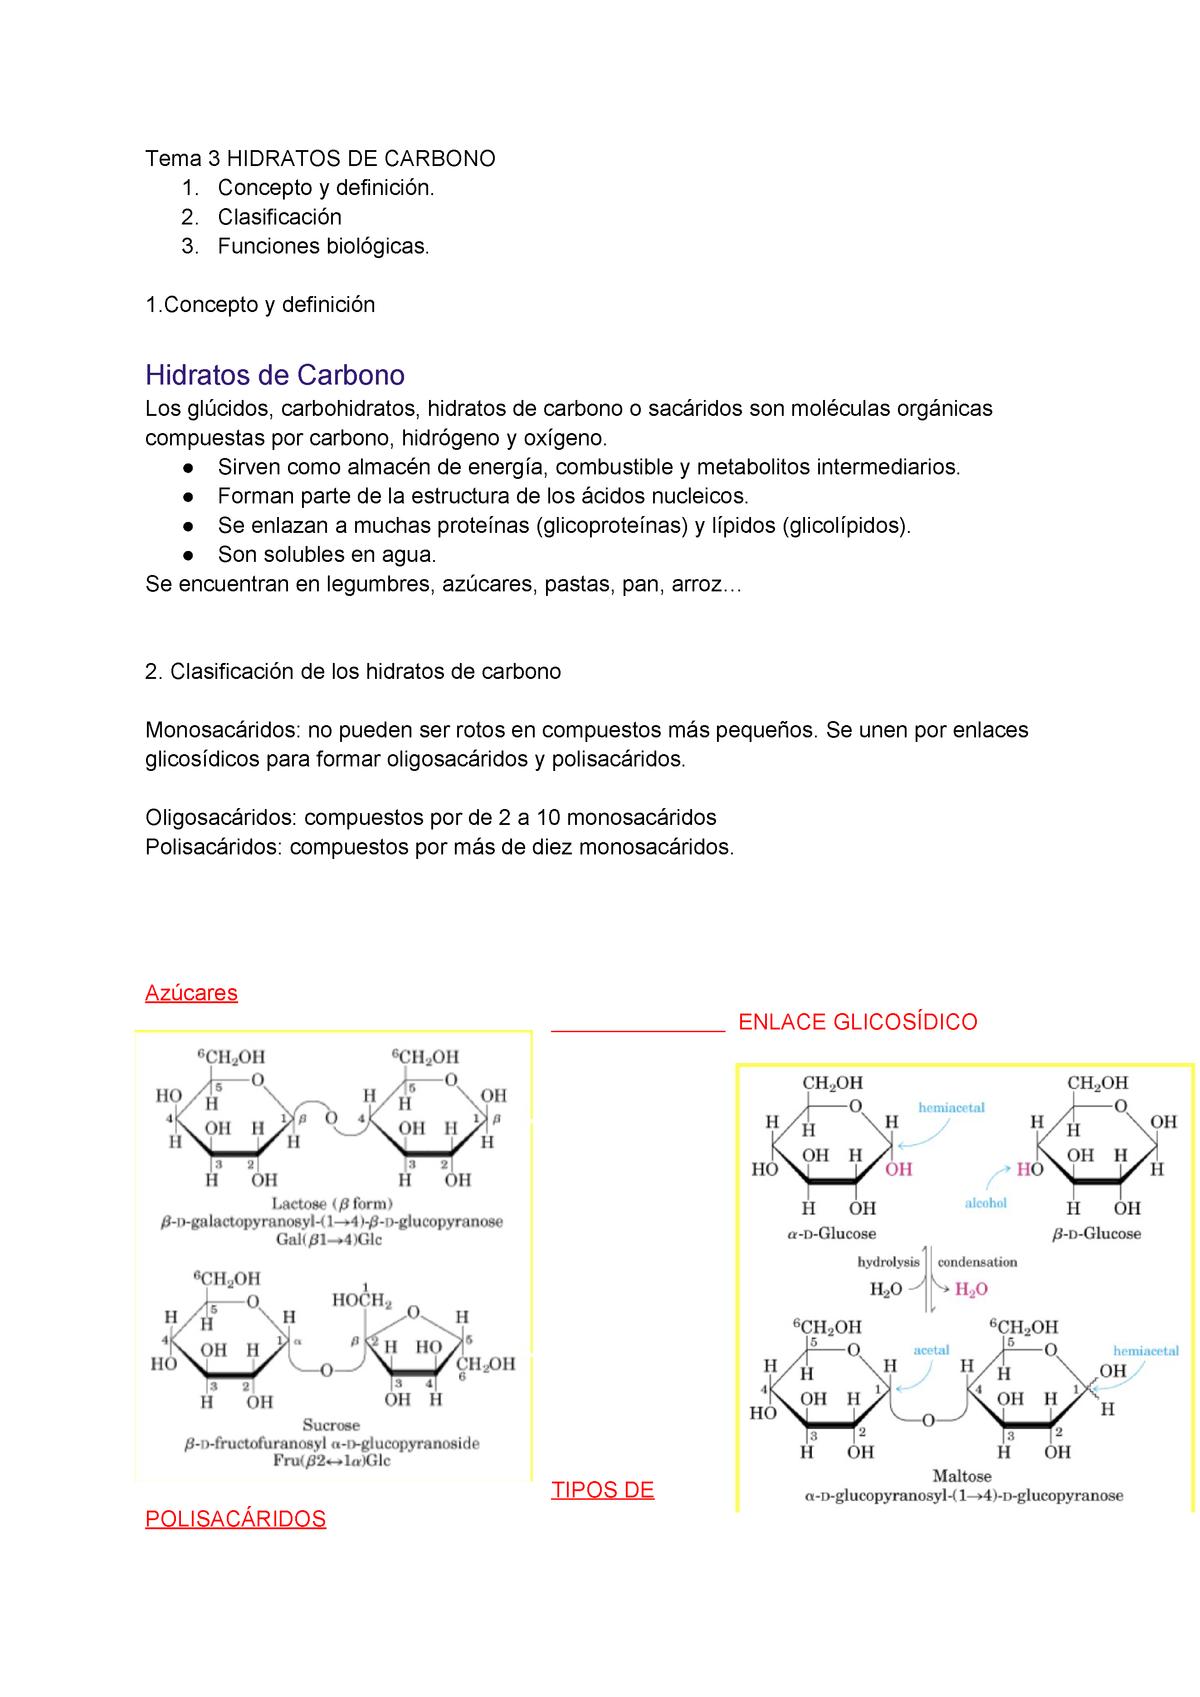 hidratos de carbono clasificacion